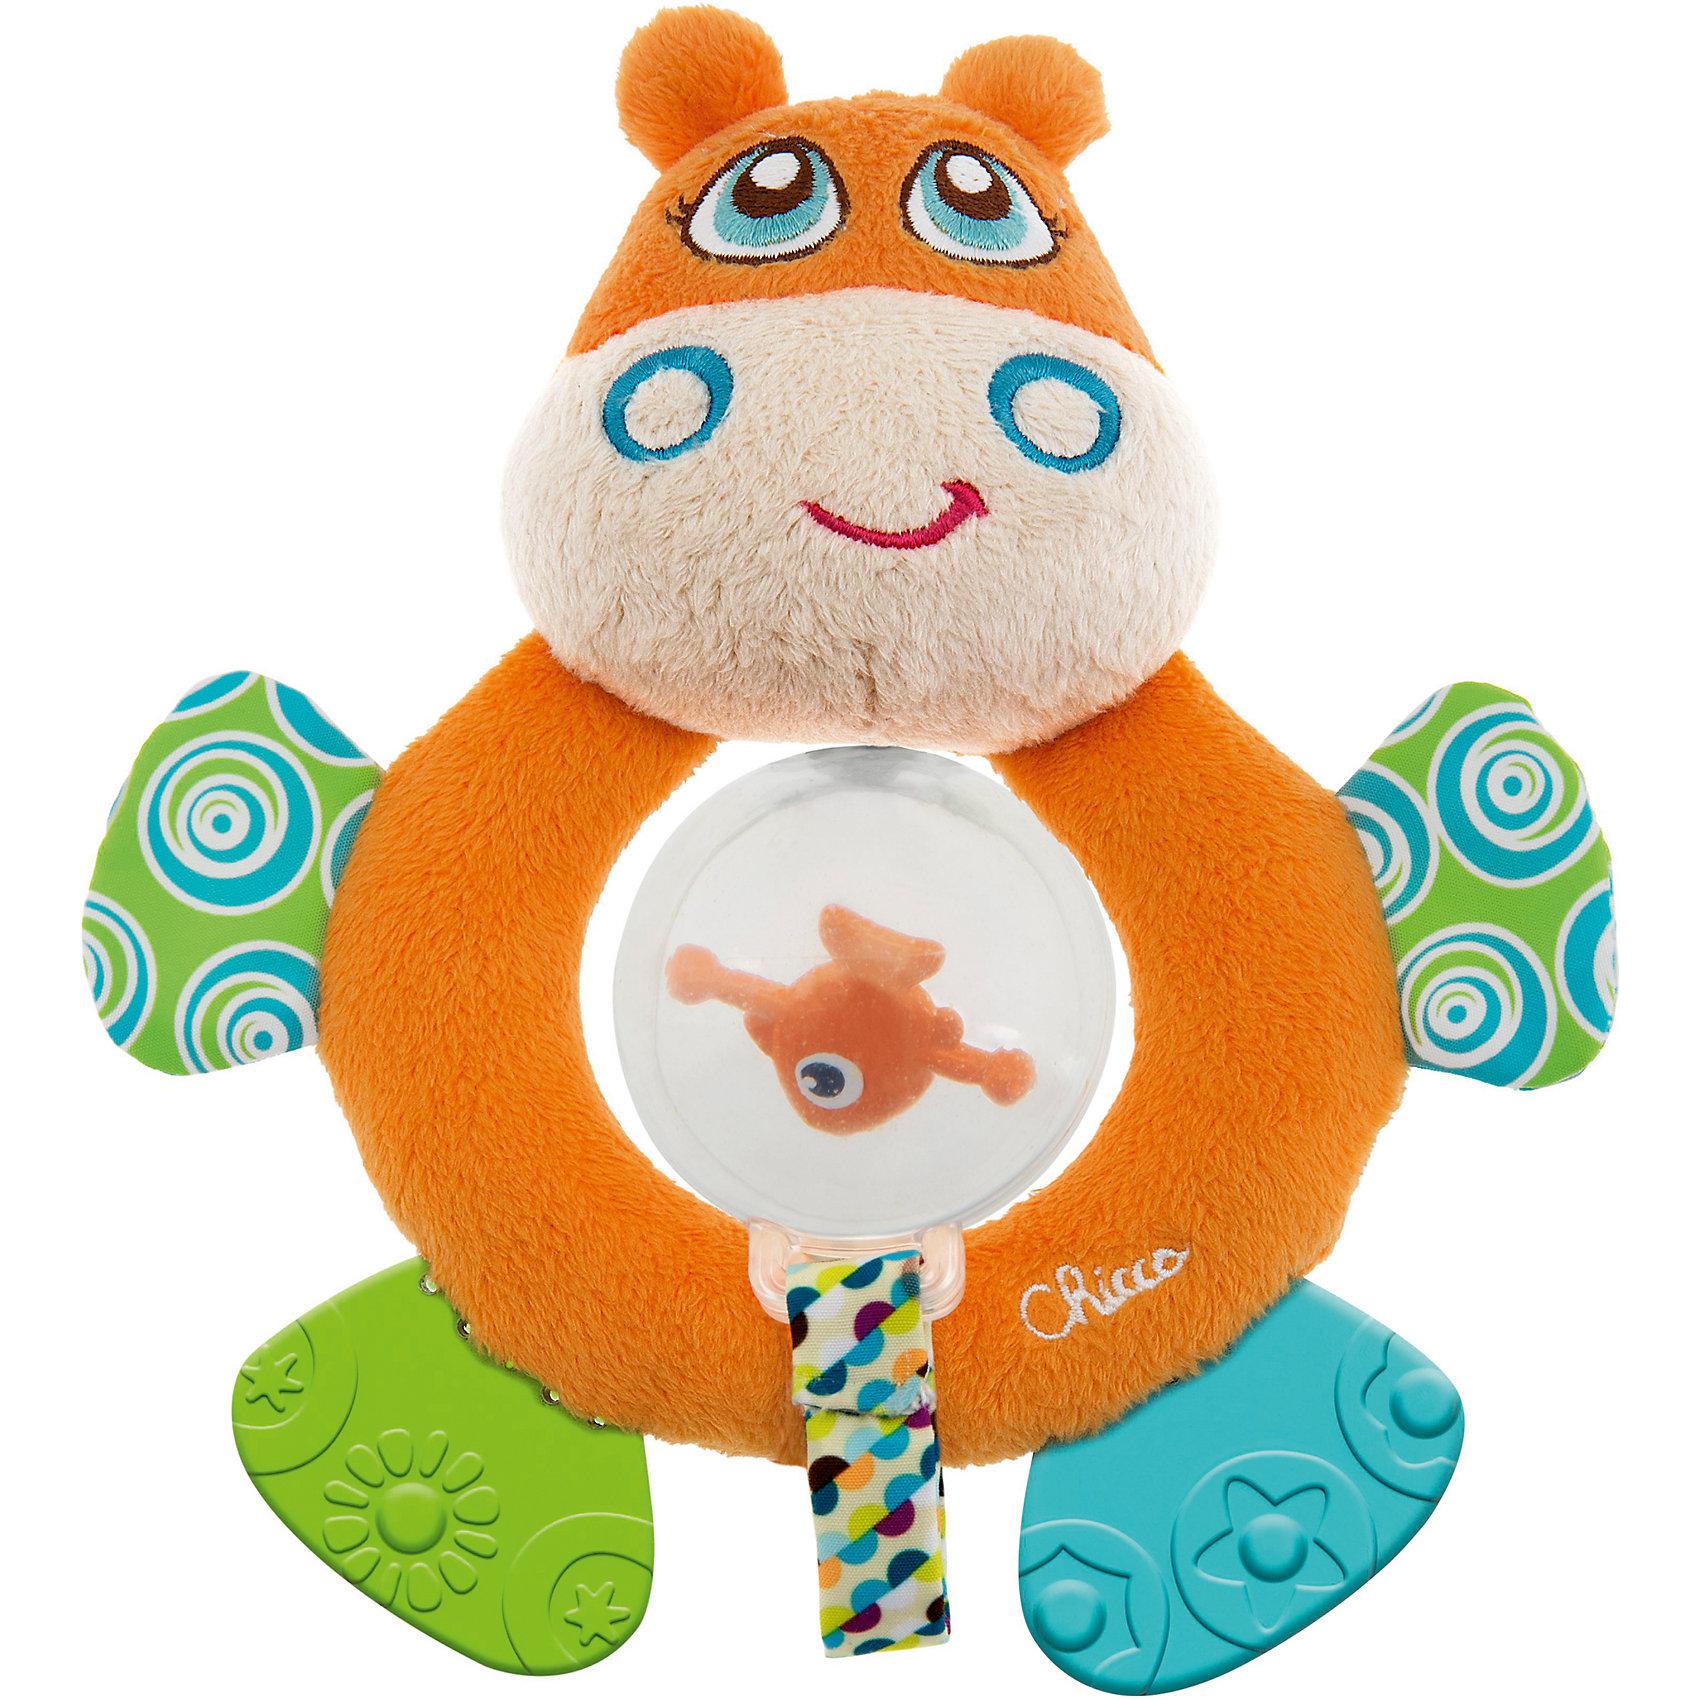 Мягкая игрушка-погремушка Бегемот Hippo, ChiccoМягкие игрушки<br>Мягкая игрушка-погремушка Бегемот Hippo, Chicco (Чикко) - это забавная оригинальная игрушка для вашего малыша.<br>Мягкая игрушка-погремушка Бегемот Hippo от Chicco (Чикко) привлечет внимание вашего малыша и не позволит ему скучать! Игрушка выполнена из мягкого текстильного материала в виде симпатичного бегемотика. Его глазки, носик и щечки вышиты нитками, а если нажать на голову, то послышится звук пищалки. В прозрачной сфере, подвешенной на ленточке, размещена забавная рыбка, которая издает звуки при вращении. Благодаря необычной конструкции игрушки, у сферы есть два положения. Она может находиться внутри кольца, или свободно висеть в нижней части игрушки. Ножки бегемотика из безопасного пластика с разными рисунками, их можно использовать как прорезыватели для зубов. Если потрогать ручки игрушки, то услышите шуршащий звук. Форма погремушки удобна для маленьких ручек ребенка. Он сможет ее держать, трясти и перекладывать из одной ручки в другую. Яркая игрушка-погремушка поможет малышу в развитии цветового и звукового восприятия, концентрации внимания, мелкой моторики рук, координации движений и тактильных ощущений. Изготовлена из безопасных для здоровья ребенка материалов.<br><br>Дополнительная информация:<br><br>- Размер игрушки: 17,5 х 15 х 5,5 см.<br>- Цвет: оранжевый, белый, голубой, зеленый<br>- Материал: высококачественный пластик, текстиль, мягкий наполнитель<br>- Размер упаковки: 25 x 18 x 7 см.<br>- Вес: 120 гр.<br><br>Мягкую игрушку-погремушку Бегемот Hippo, Chicco (Чикко) можно купить в нашем интернет-магазине.<br><br>Ширина мм: 260<br>Глубина мм: 175<br>Высота мм: 53<br>Вес г: 124<br>Возраст от месяцев: 3<br>Возраст до месяцев: 18<br>Пол: Унисекс<br>Возраст: Детский<br>SKU: 3943187